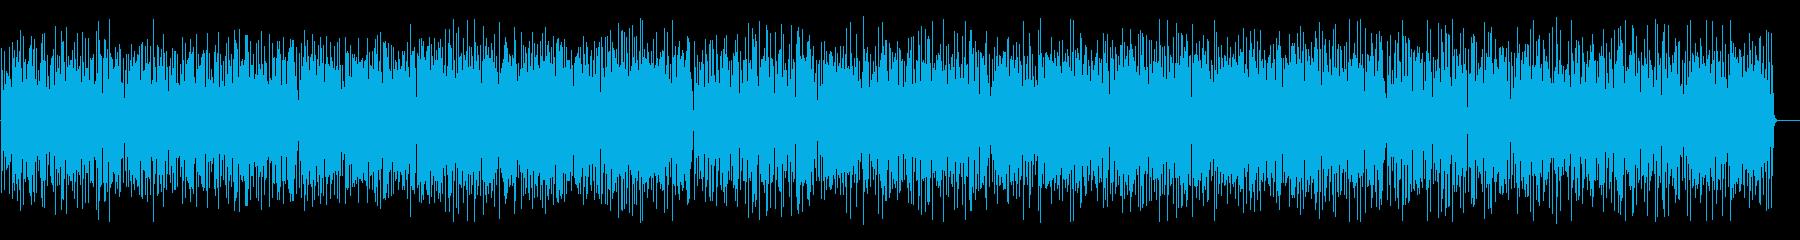 コミカルで楽しいジプシージャズ(Percの再生済みの波形